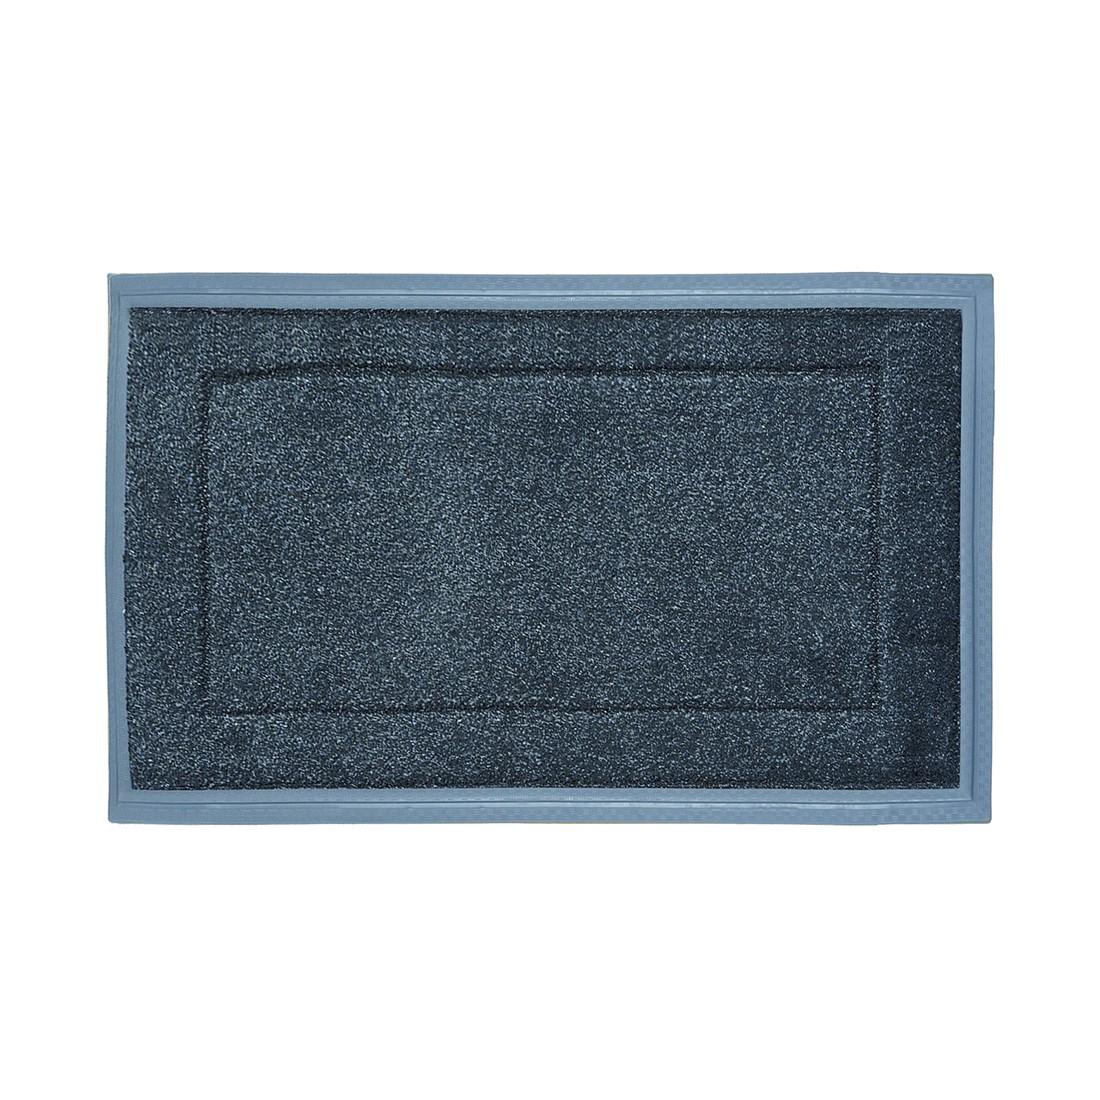 Fußmatte Touchdown Deluxe – Schwarz – 59 x 90 cm, Astra bestellen